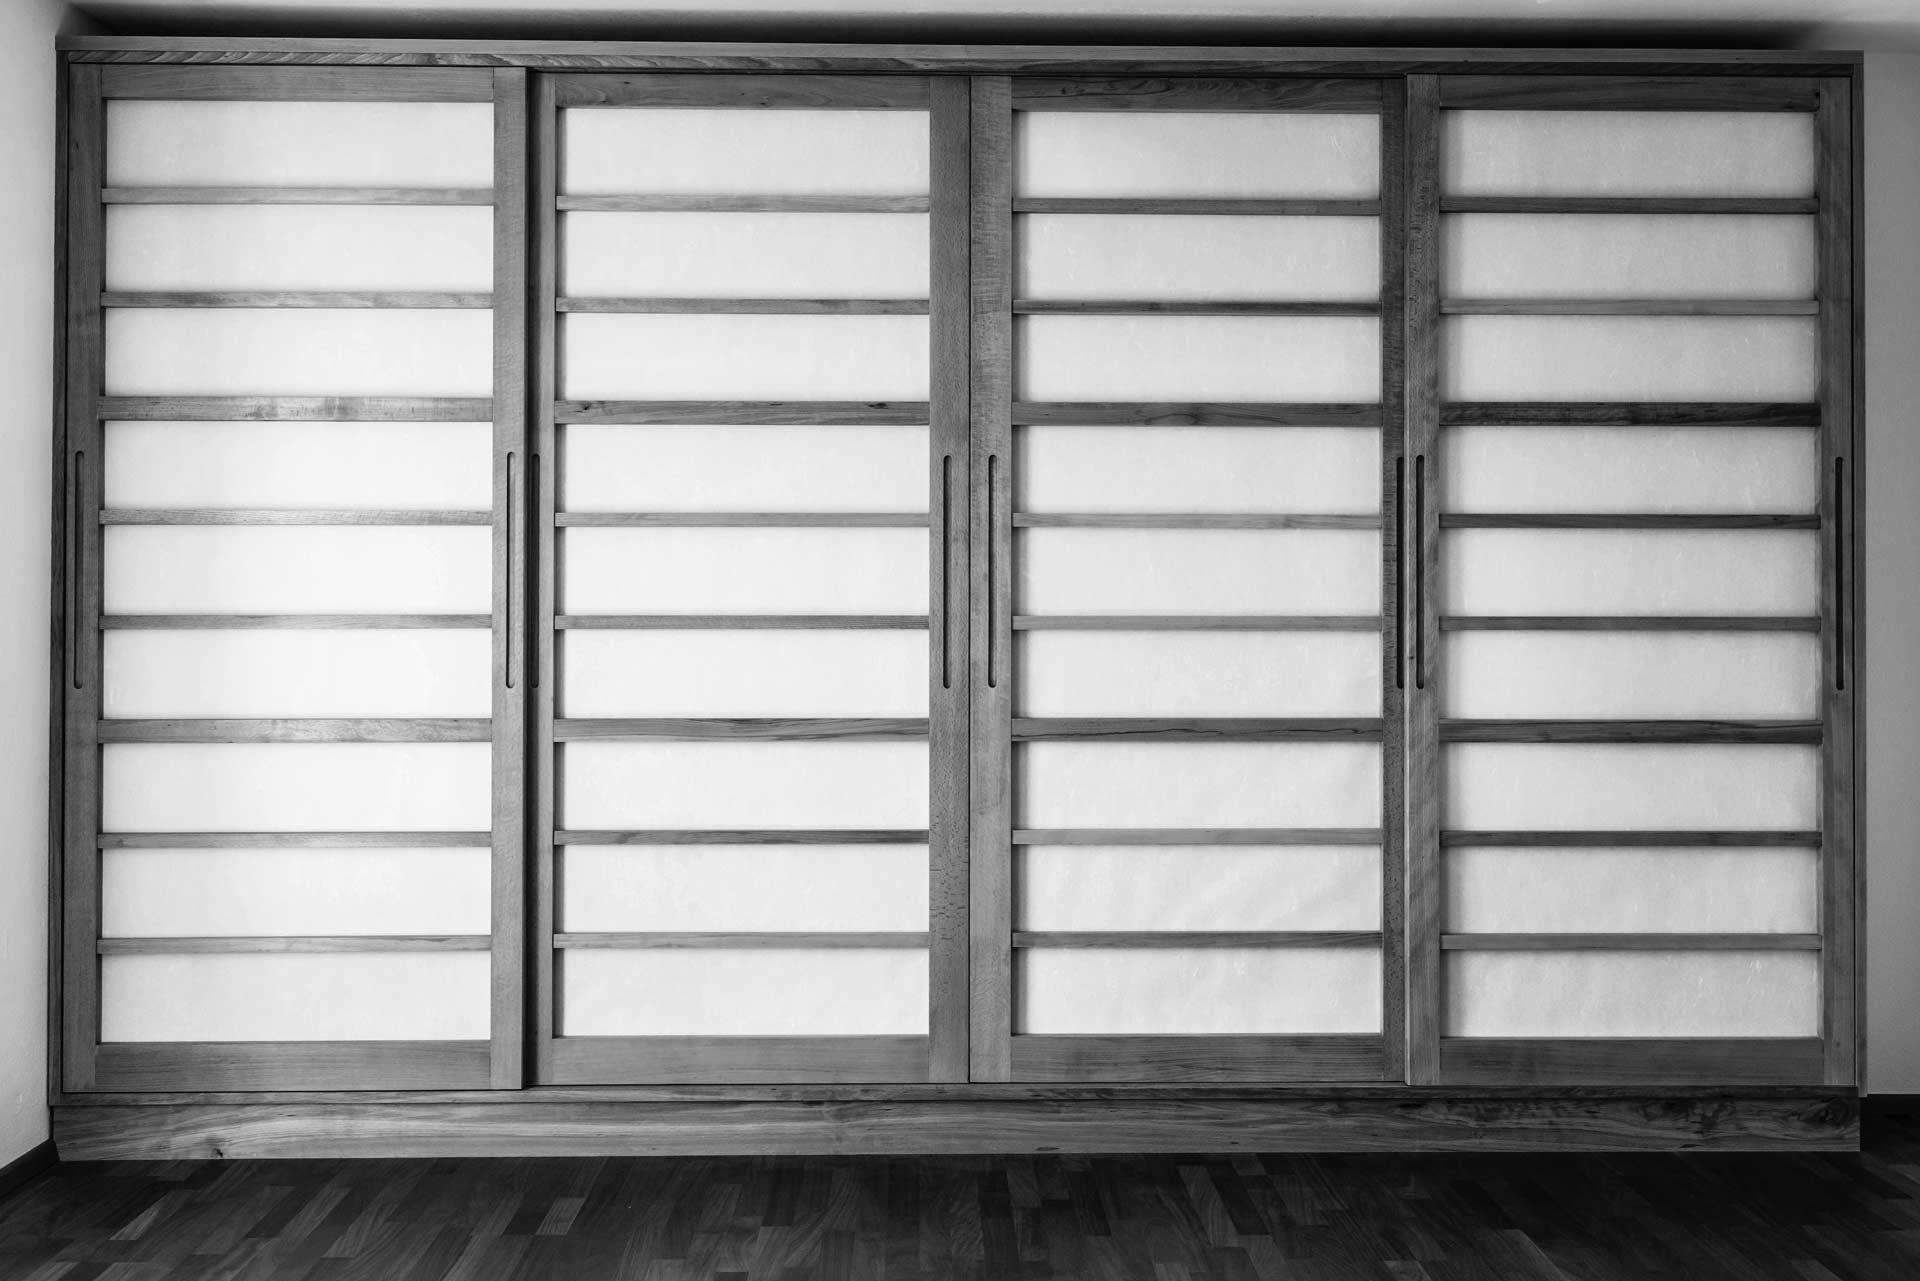 japanischer schrank japanisches wohnzimmer schn schrank mit bett yct projekte with japanischer. Black Bedroom Furniture Sets. Home Design Ideas